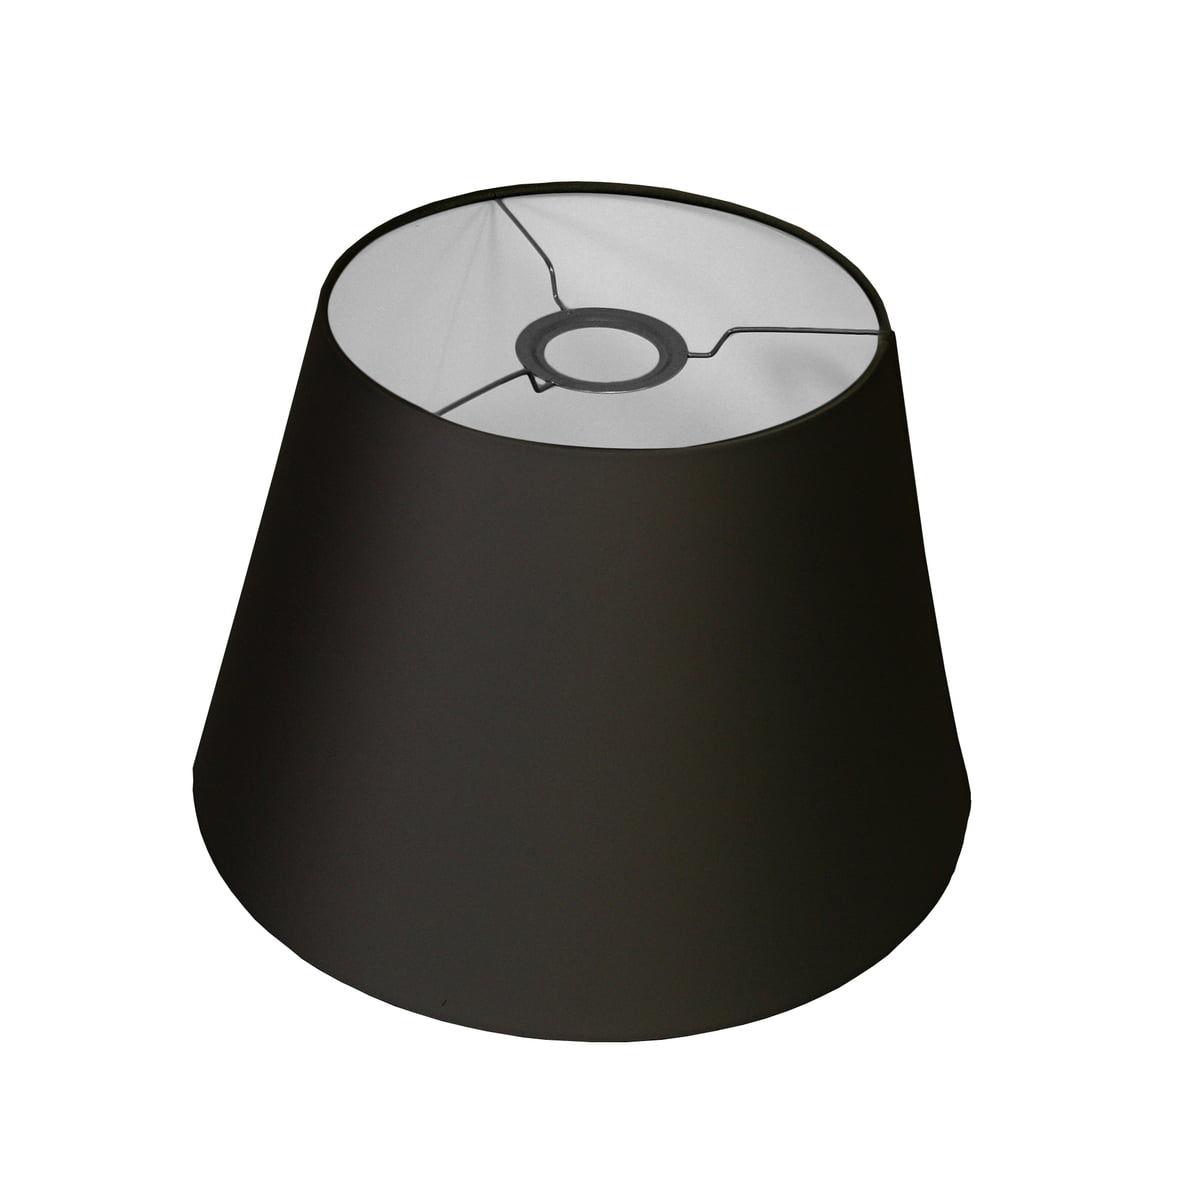 arbeitszimmer einrichten die besten ideen. Black Bedroom Furniture Sets. Home Design Ideas